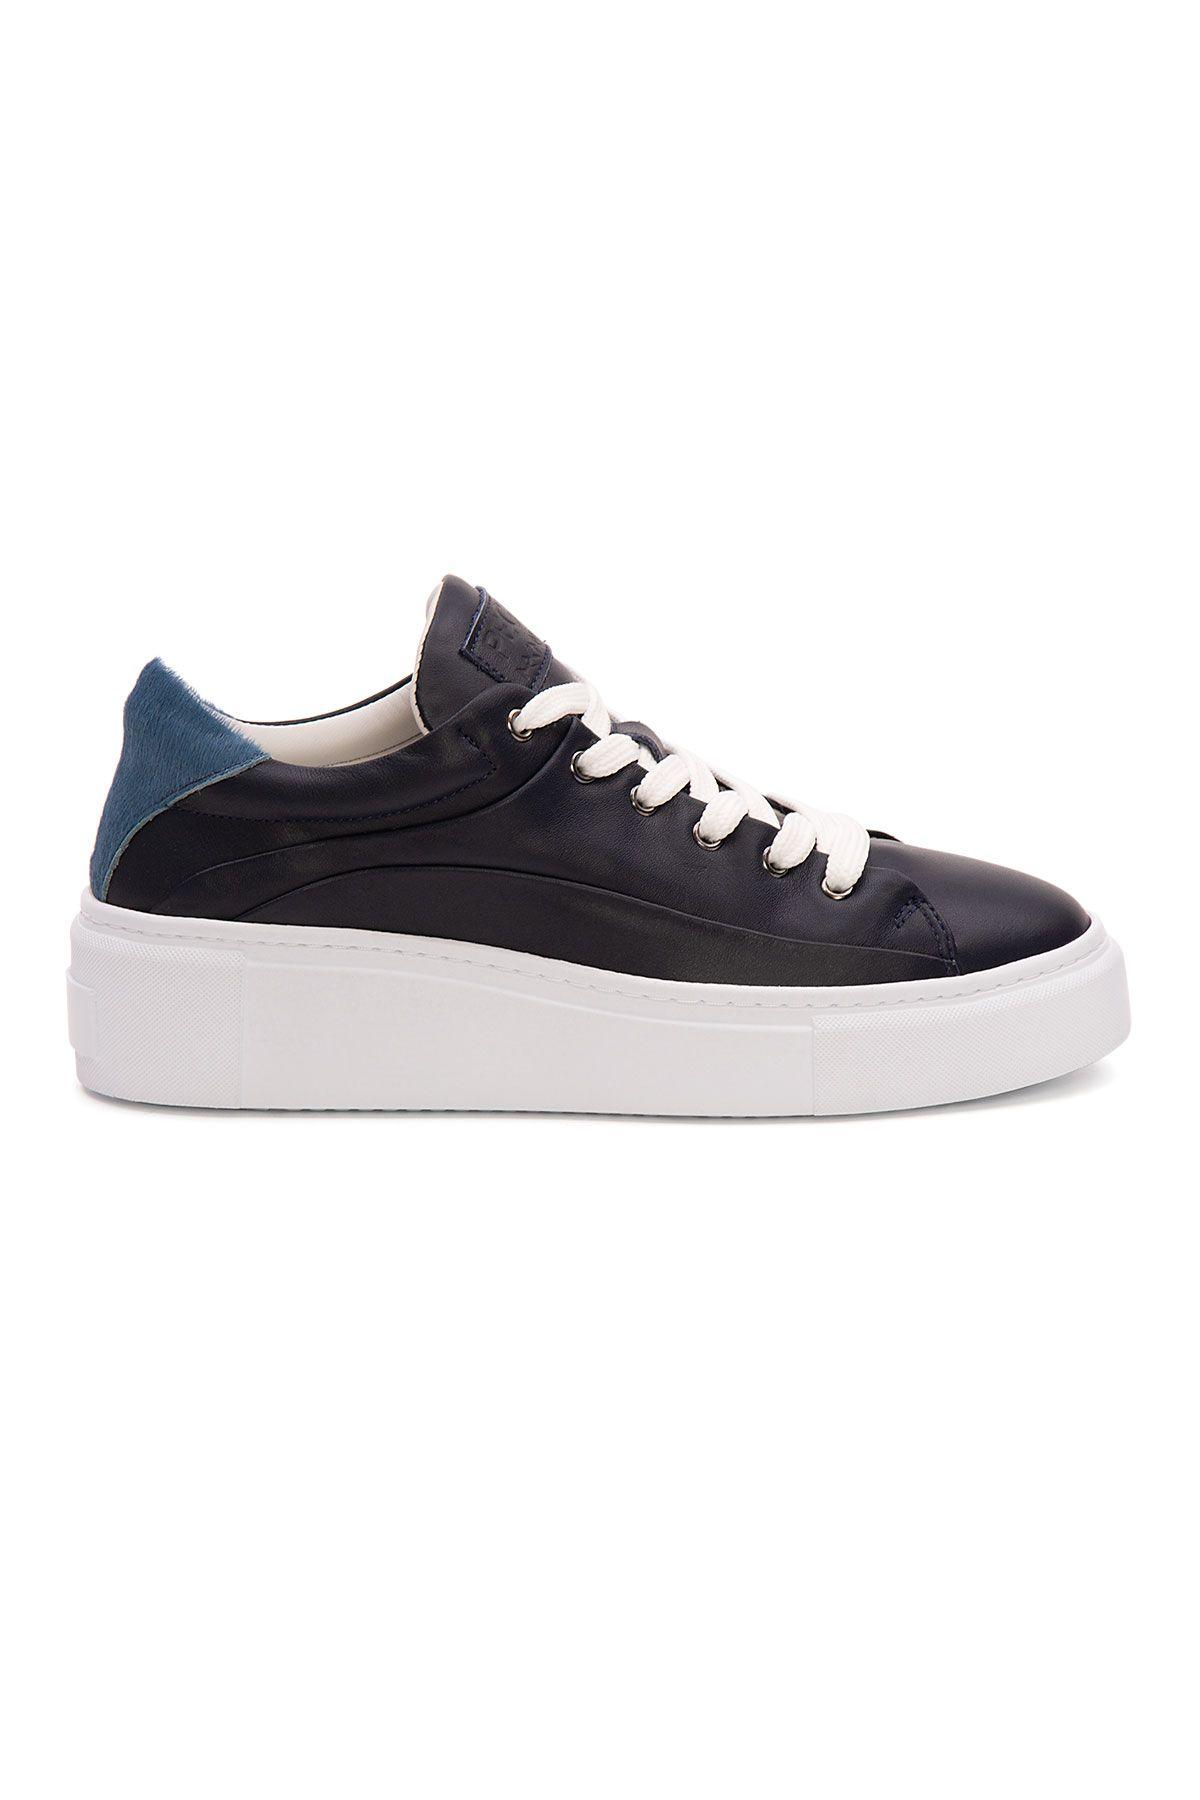 Pegia Genuine Leather Women's Sneaker LA1631 Black